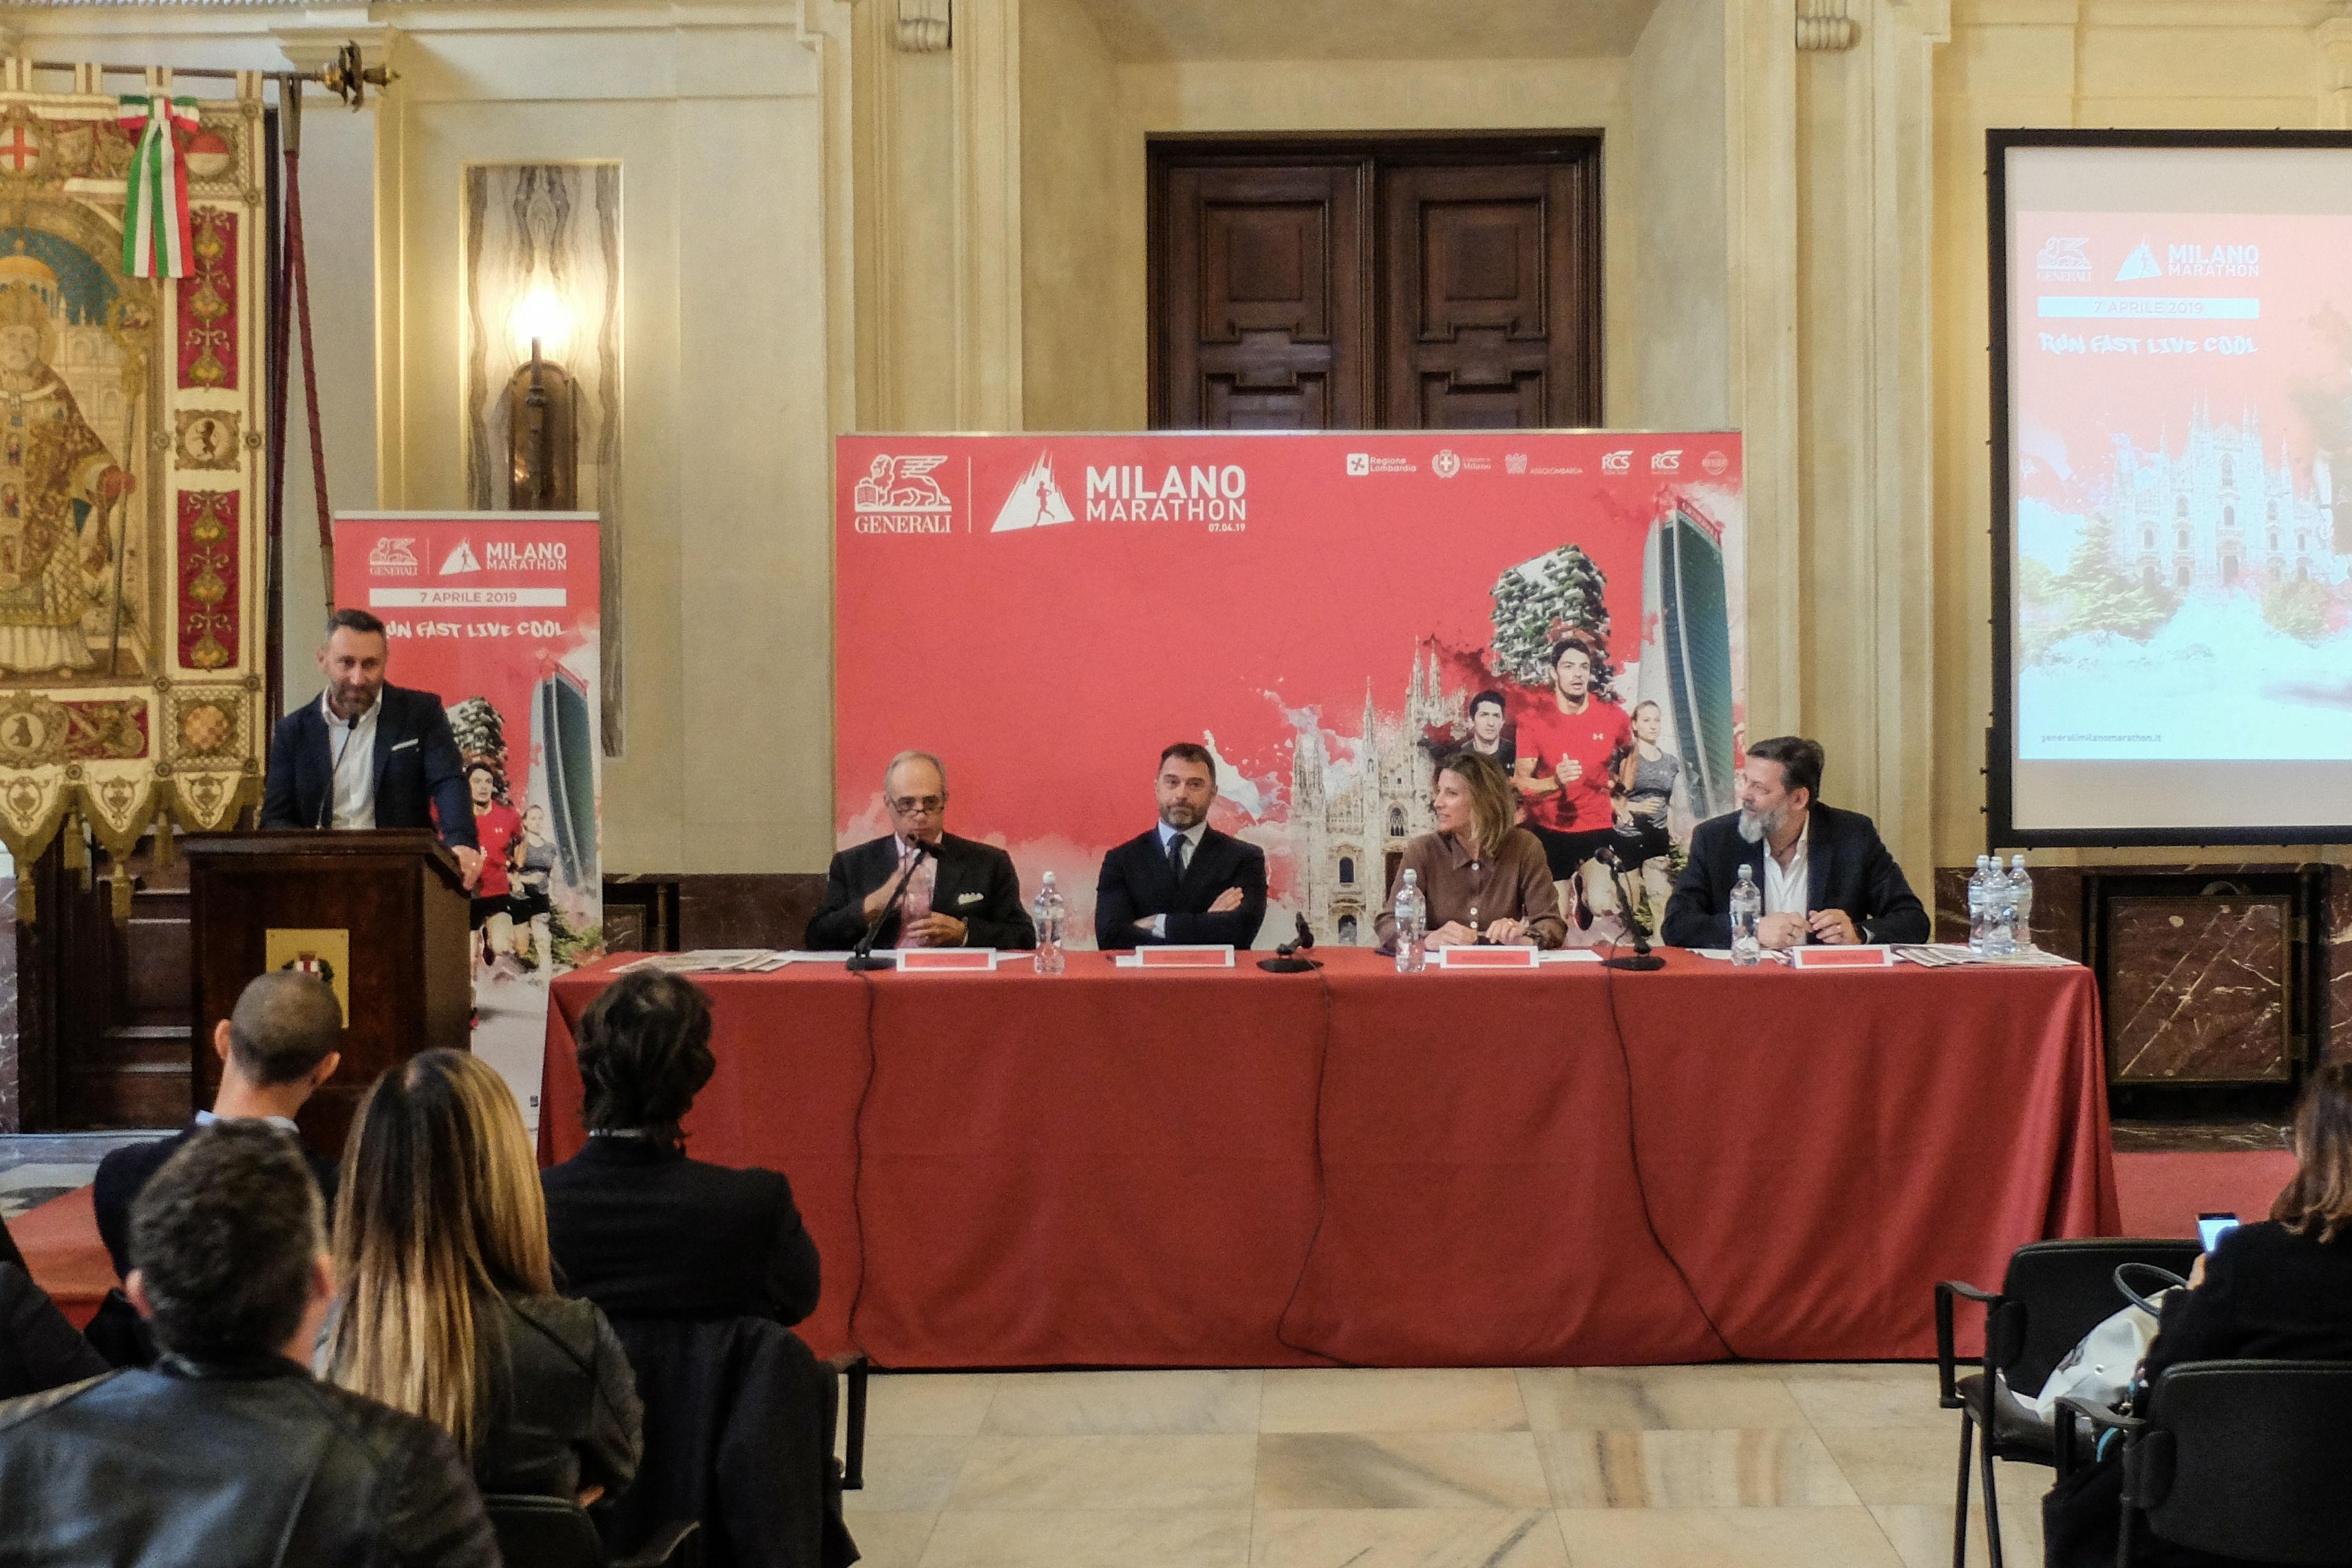 Presentada en Palazzo Marino la XIX edición del Generali Milano Marathon